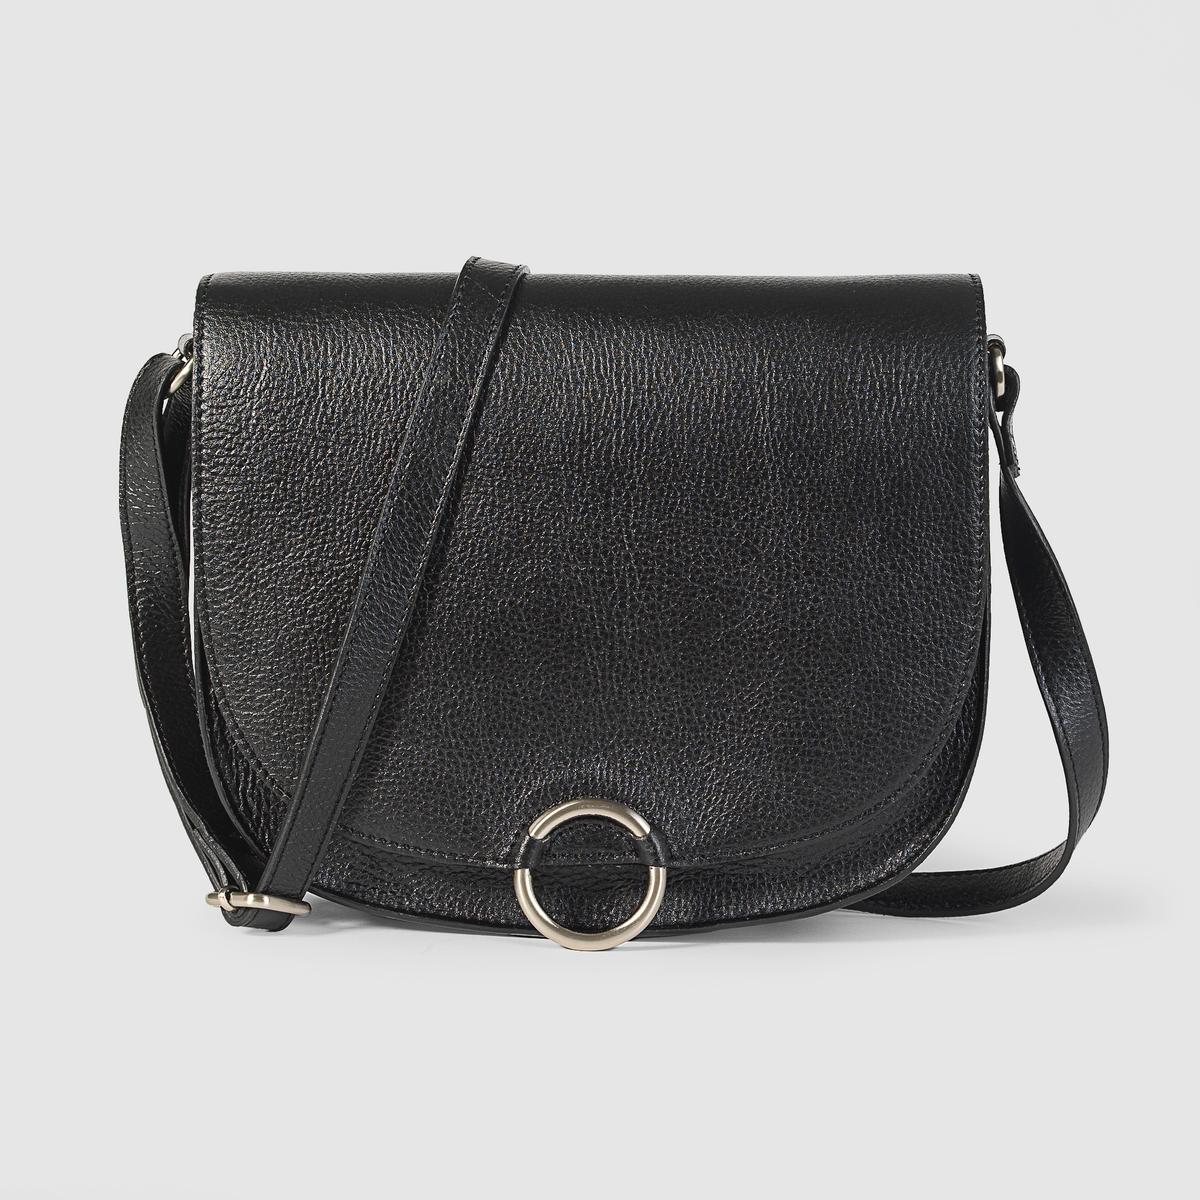 СумкаСумка, R essentiel. Красивая сумка в винтажном стиле, очень женственная, округлые формы. Состав и описаниеМатериал верх : яловичная кожа                          подкладка : текстильМарка R essentielРазмеры : 23 x 26 x 6,5 смЗастежка :на магнитную кнопку2 внутренних кармана.<br><br>Цвет: темно-бежевый<br>Размер: единый размер